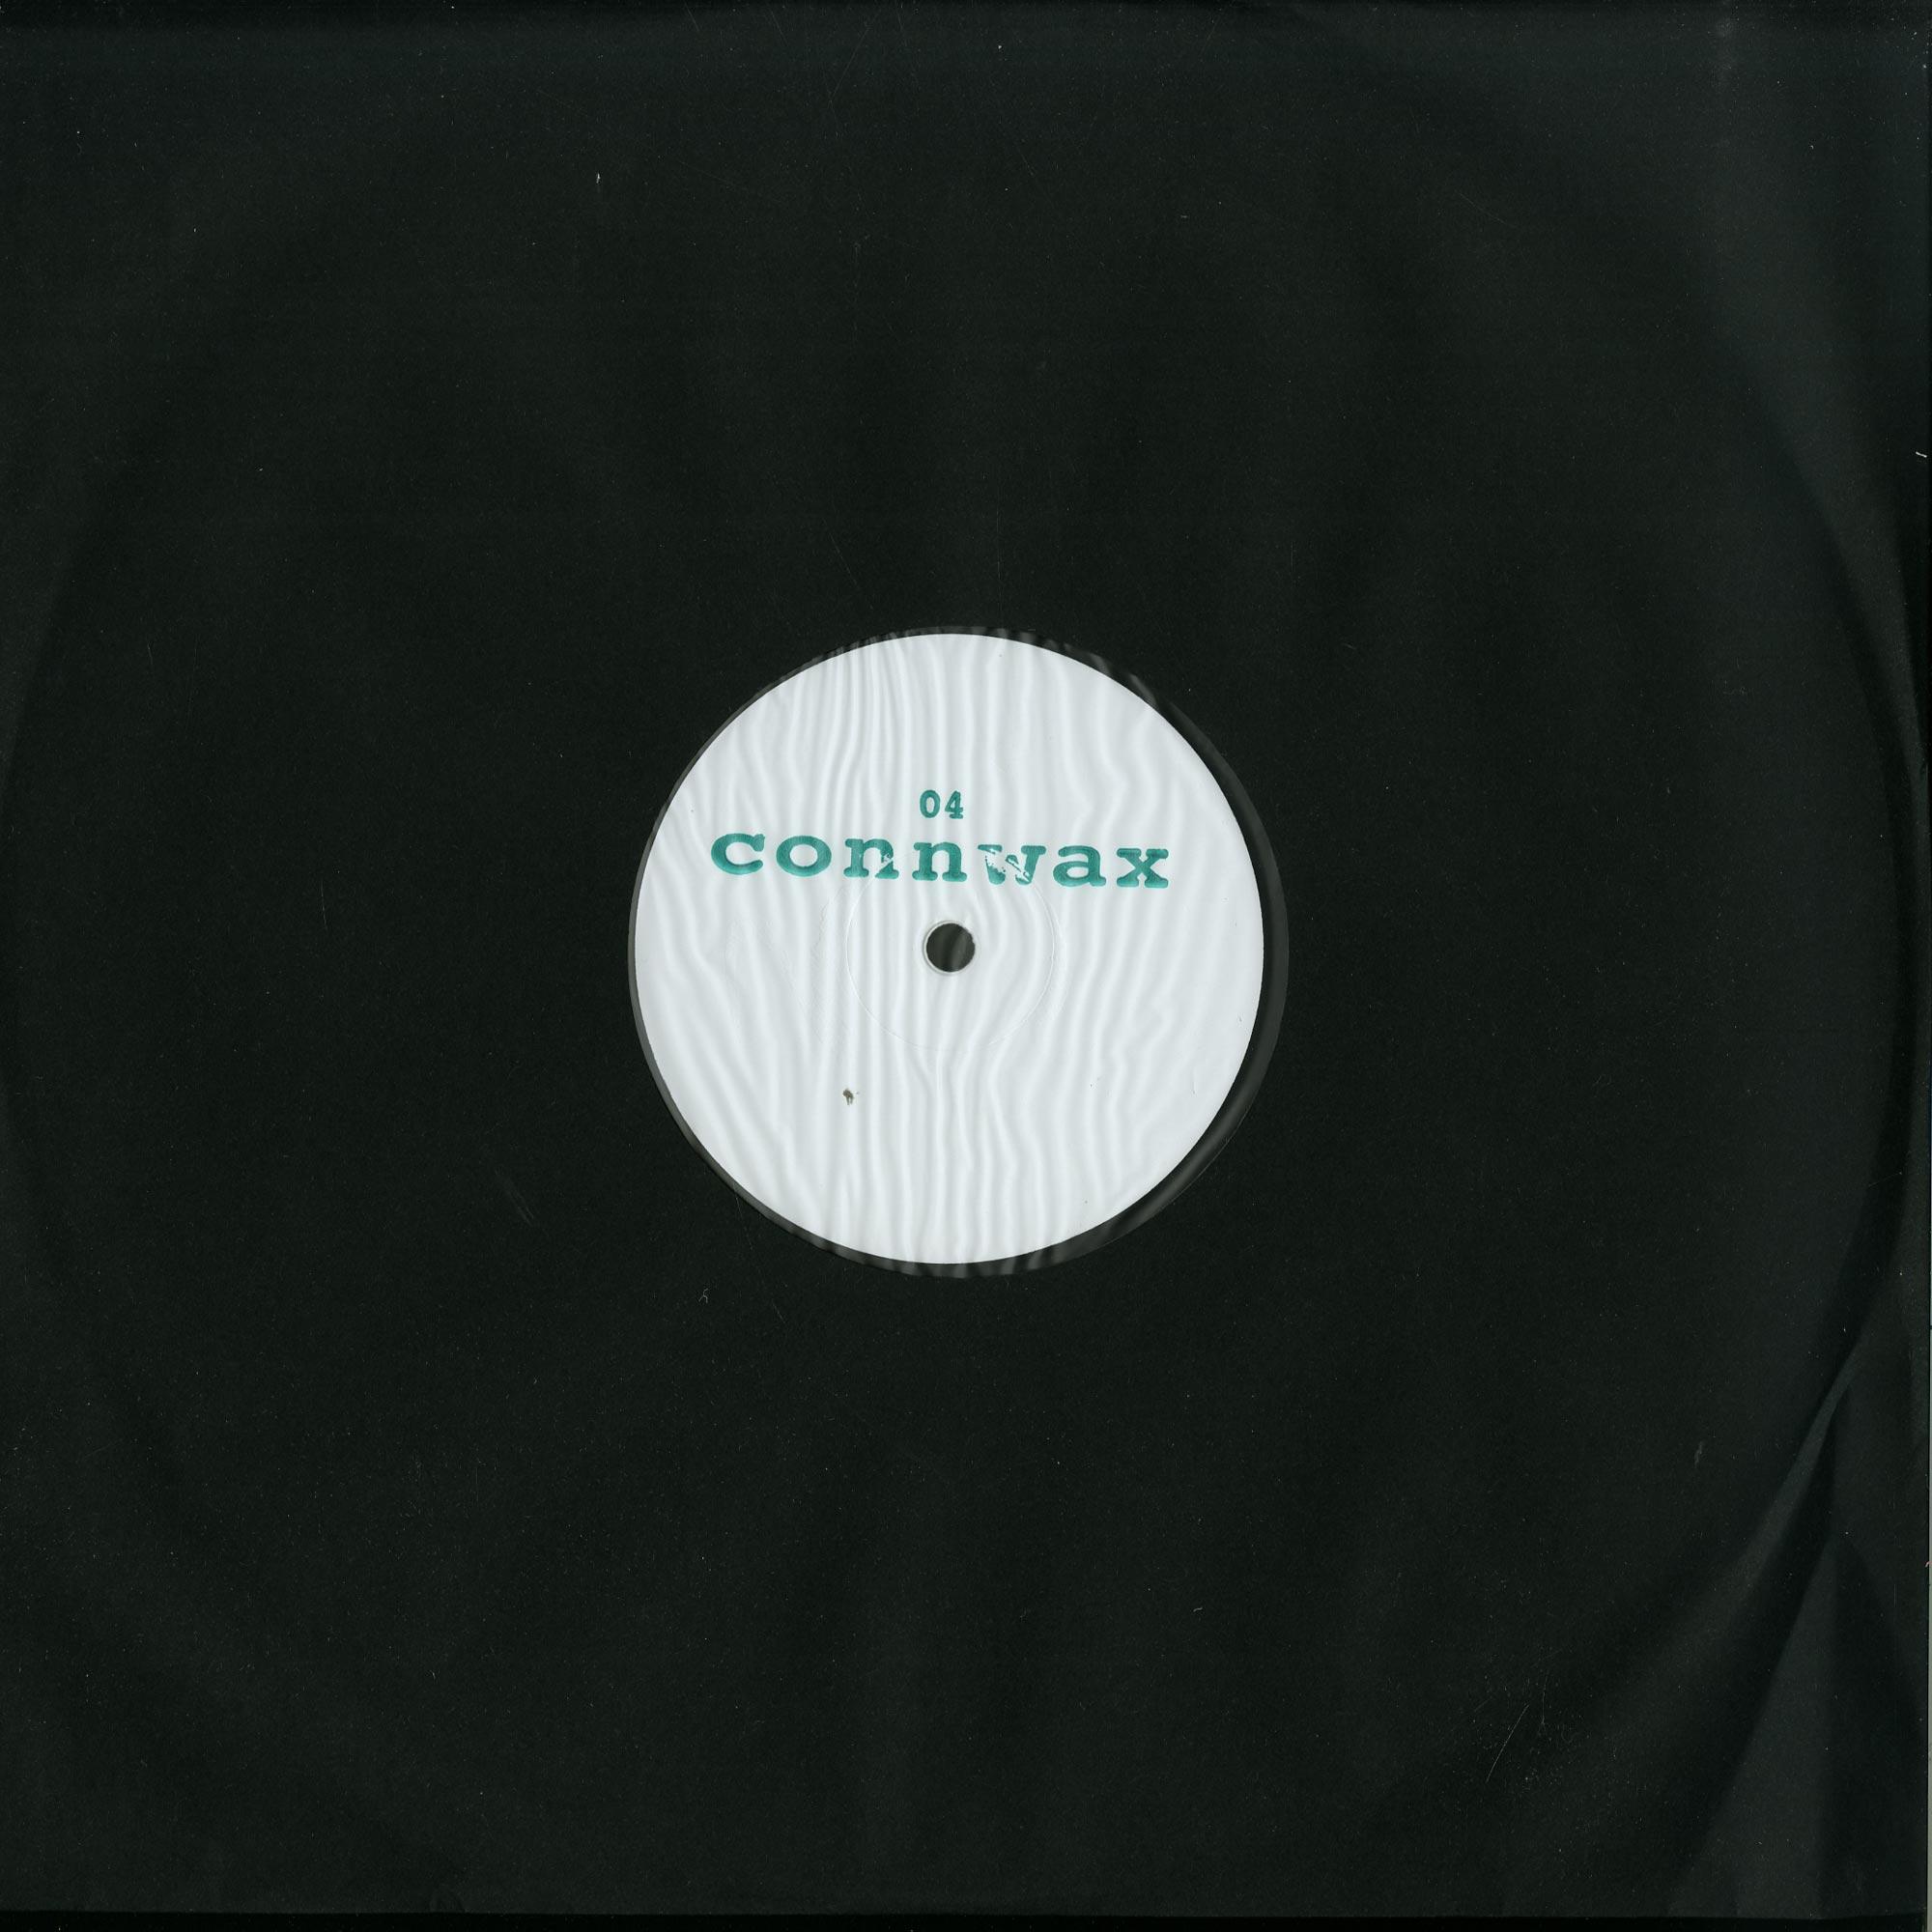 Akme - CONNWAX 04